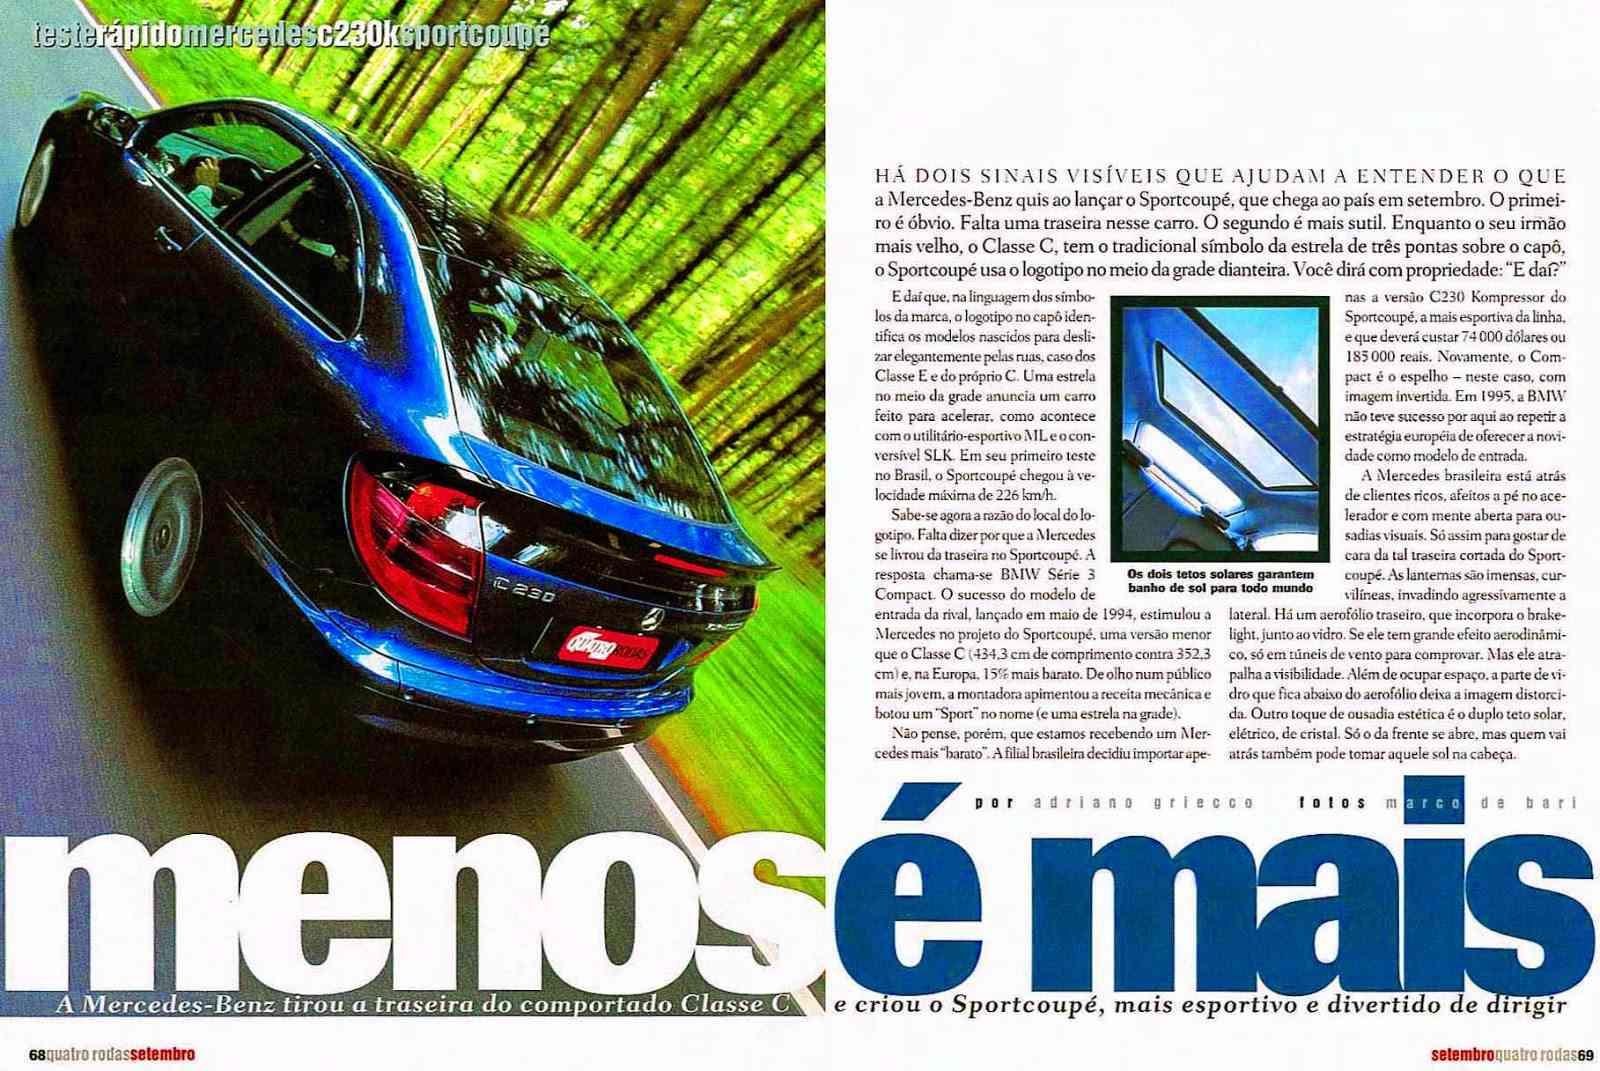 (CL203): Avaliação Revista Quatro Rodas - CLC 230K - setembro de 2001 Dc26a310